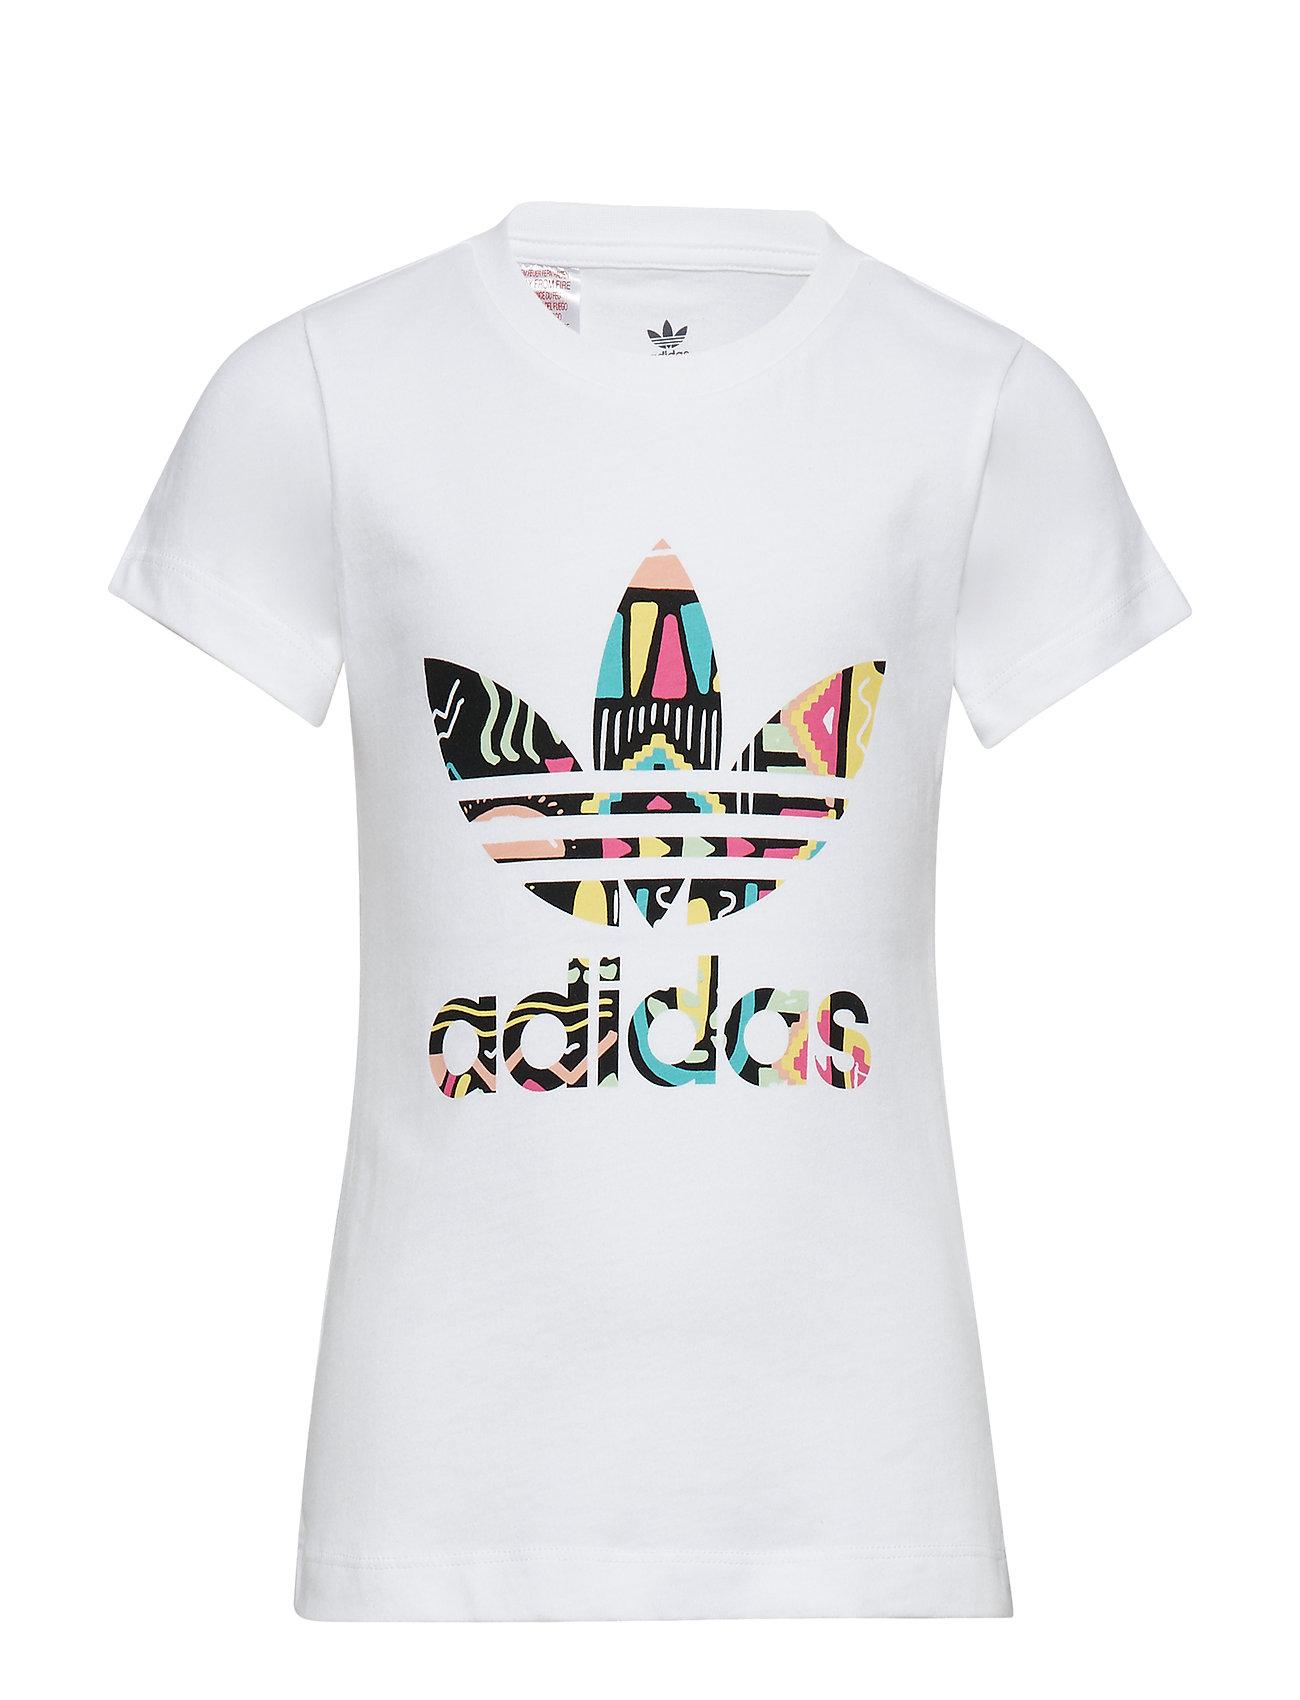 adidas Originals SLIM TEE - WHITE/MULTCO